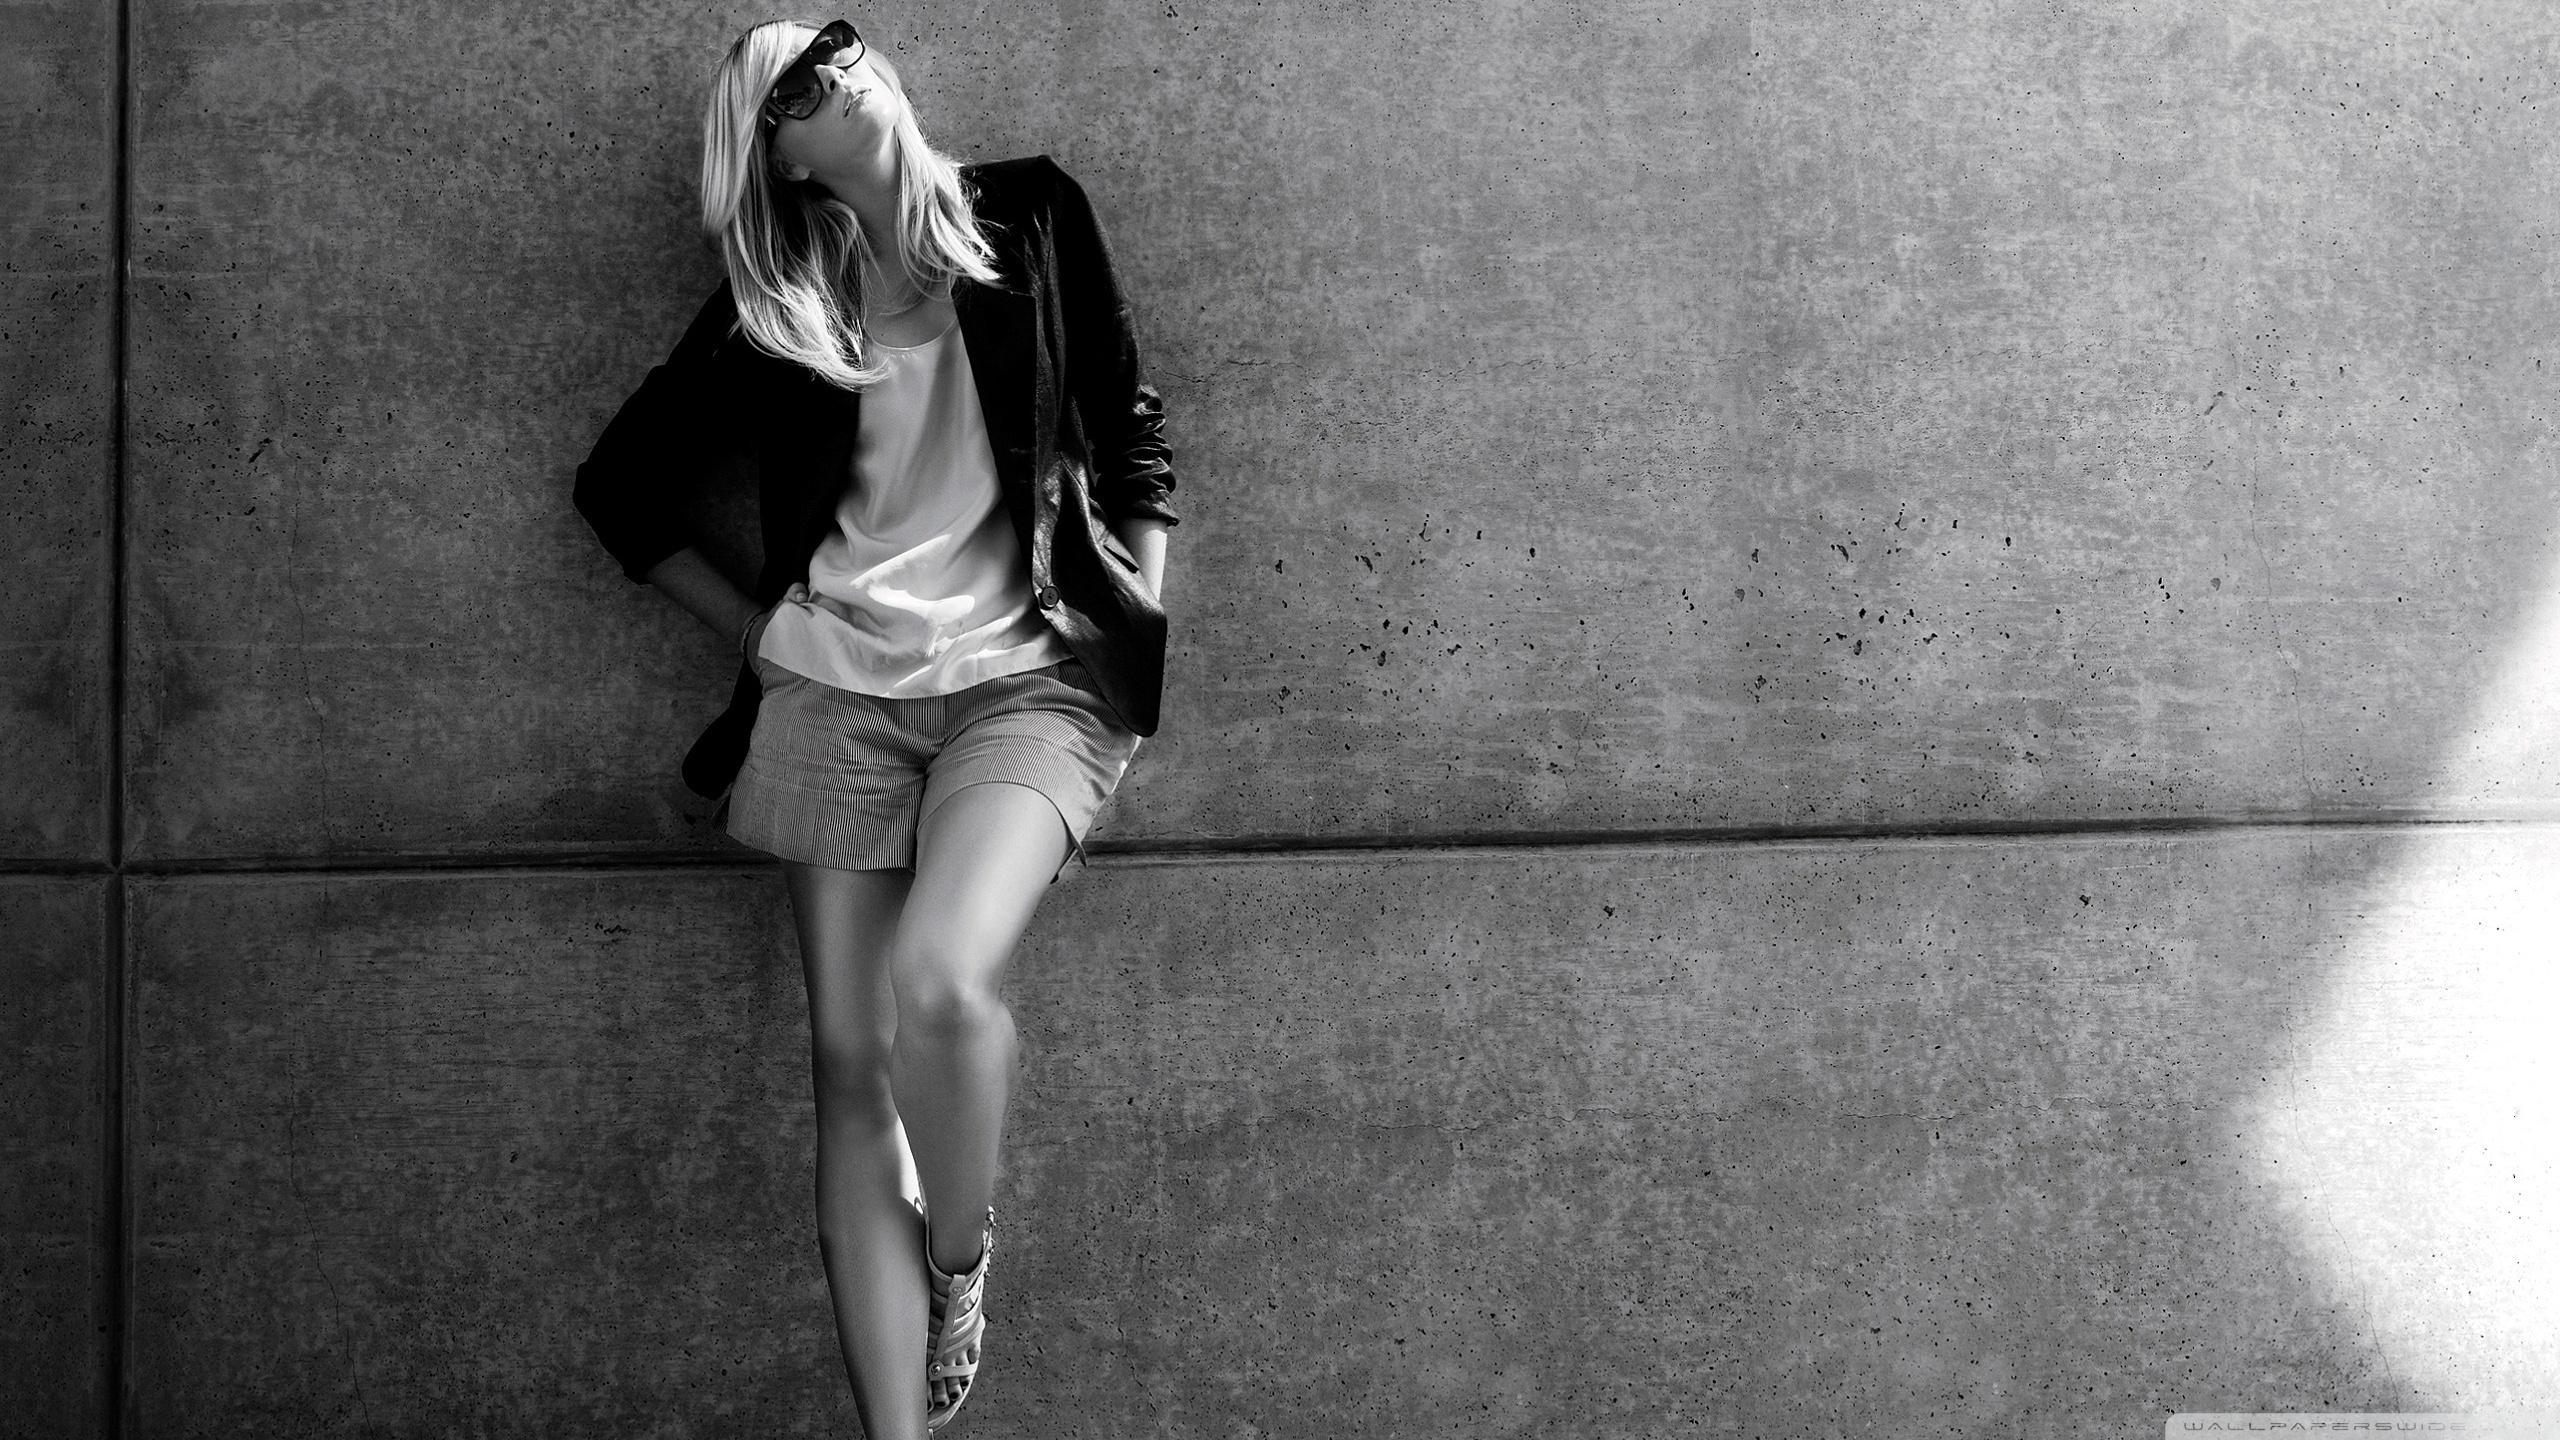 fashionable_girl-wallpaper-2560×1440